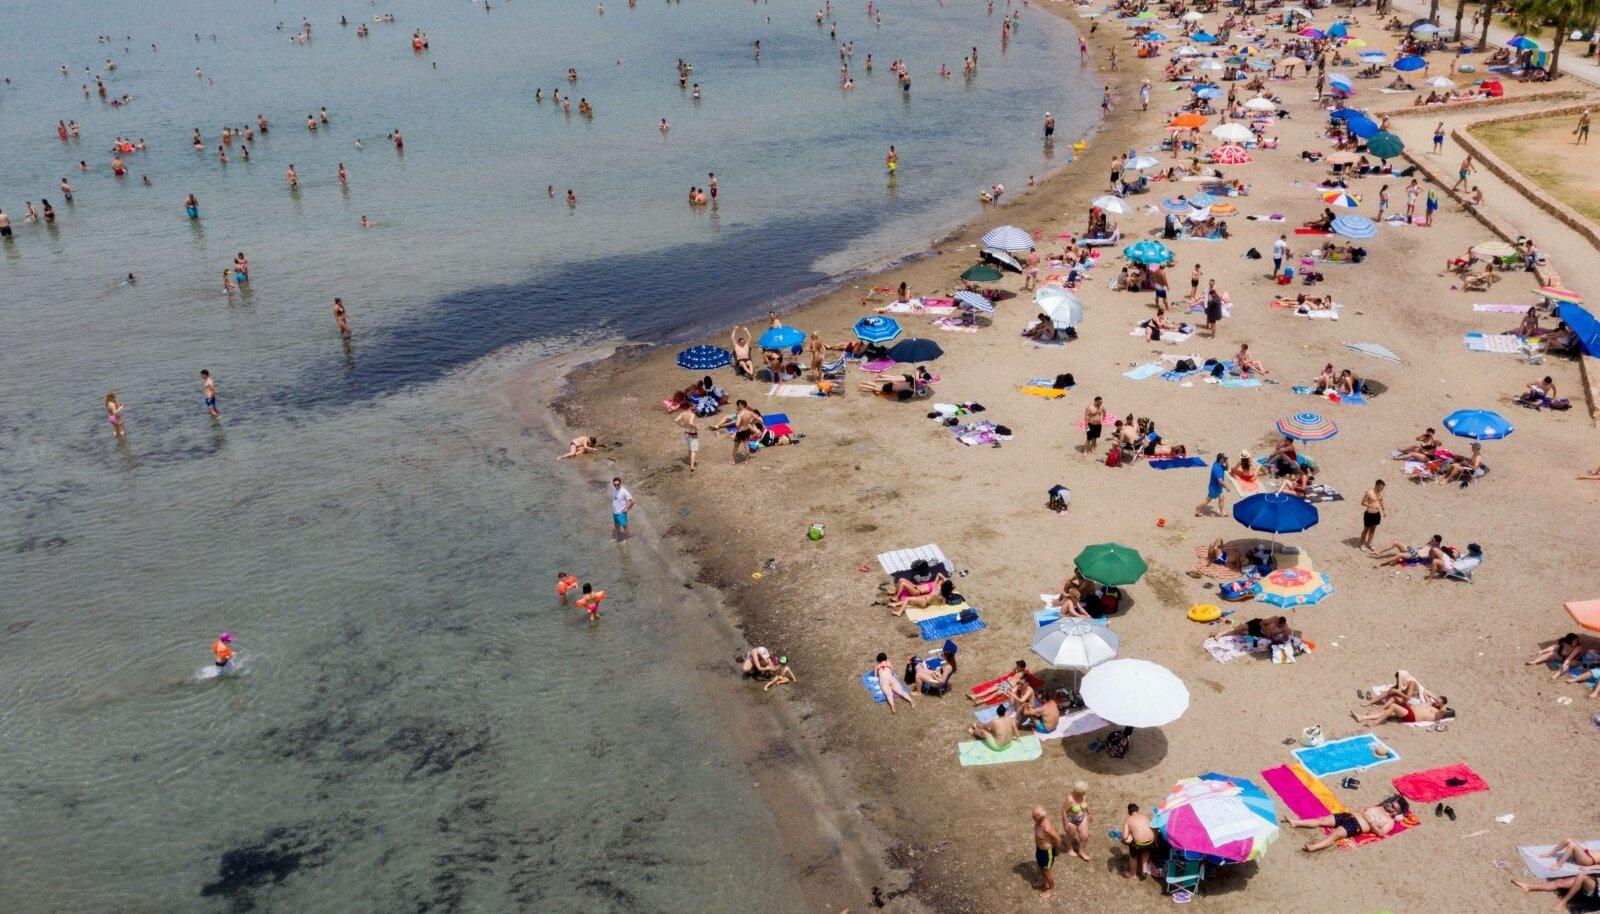 Kreeka rannad avati möödunud laupäeval. Kuumalaine meelitas Ateena-lähedase Kavouri ranna juba pühapäeval rahvast täis.